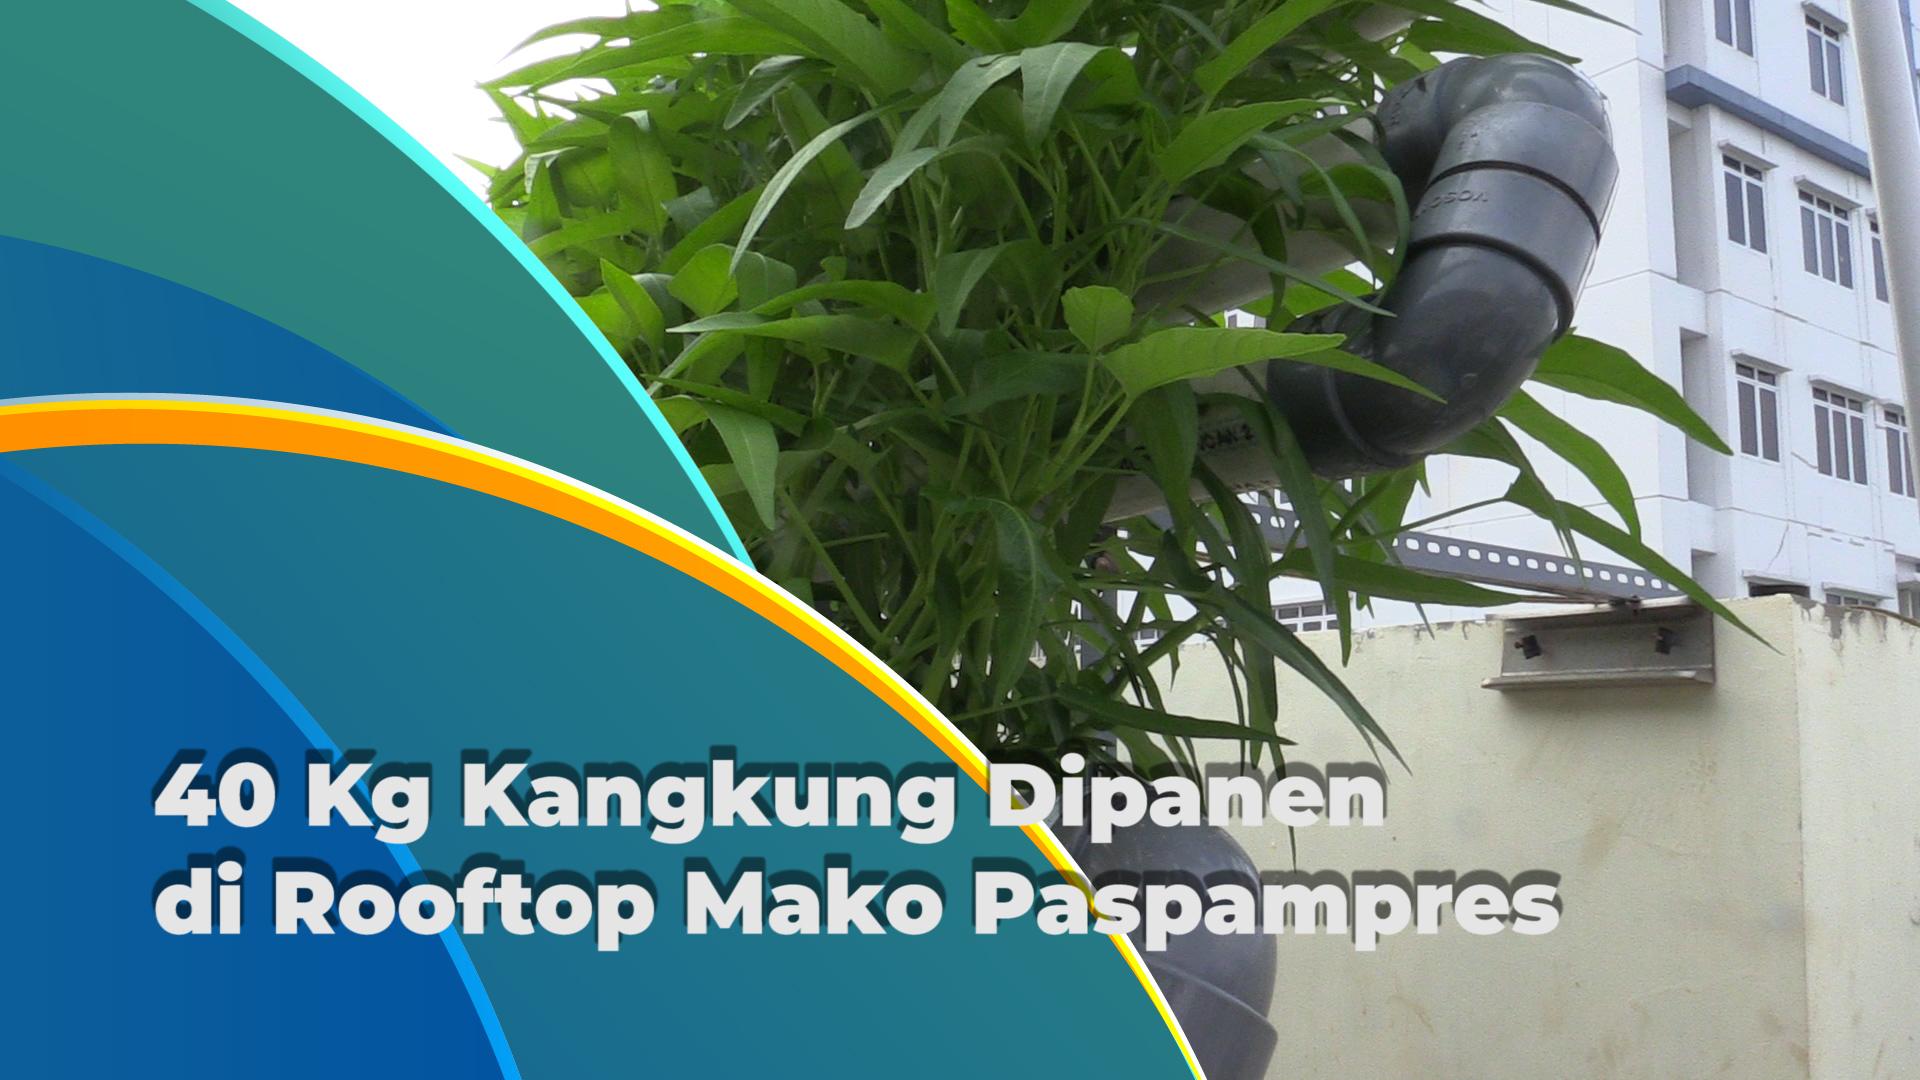 Panen Kangkung di Rooftop Mako Paspampres